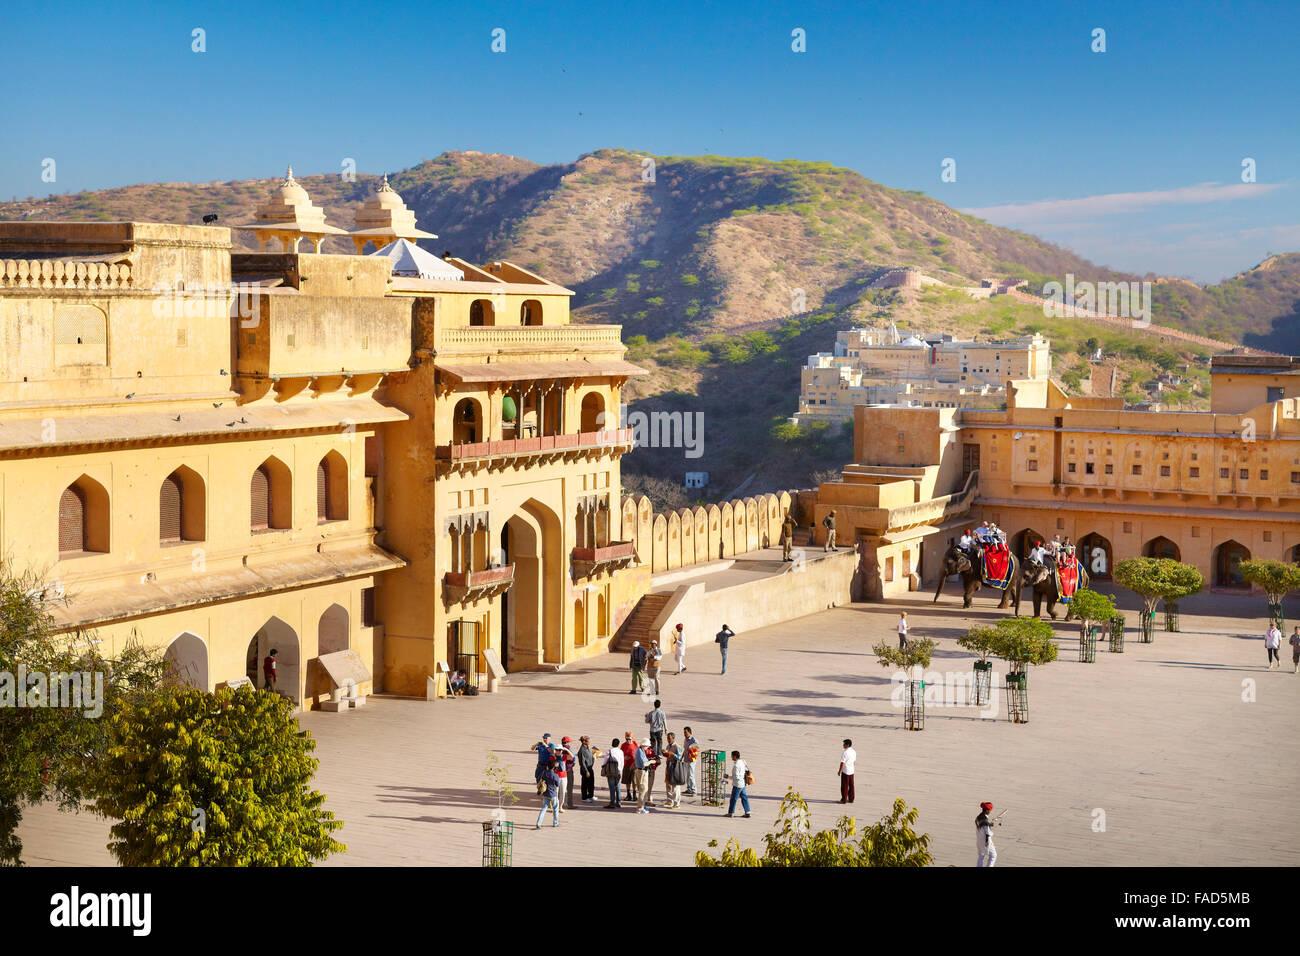 Vista di Jaleb Chowk cortile, Amber Fort, a Jaipur, India Immagini Stock